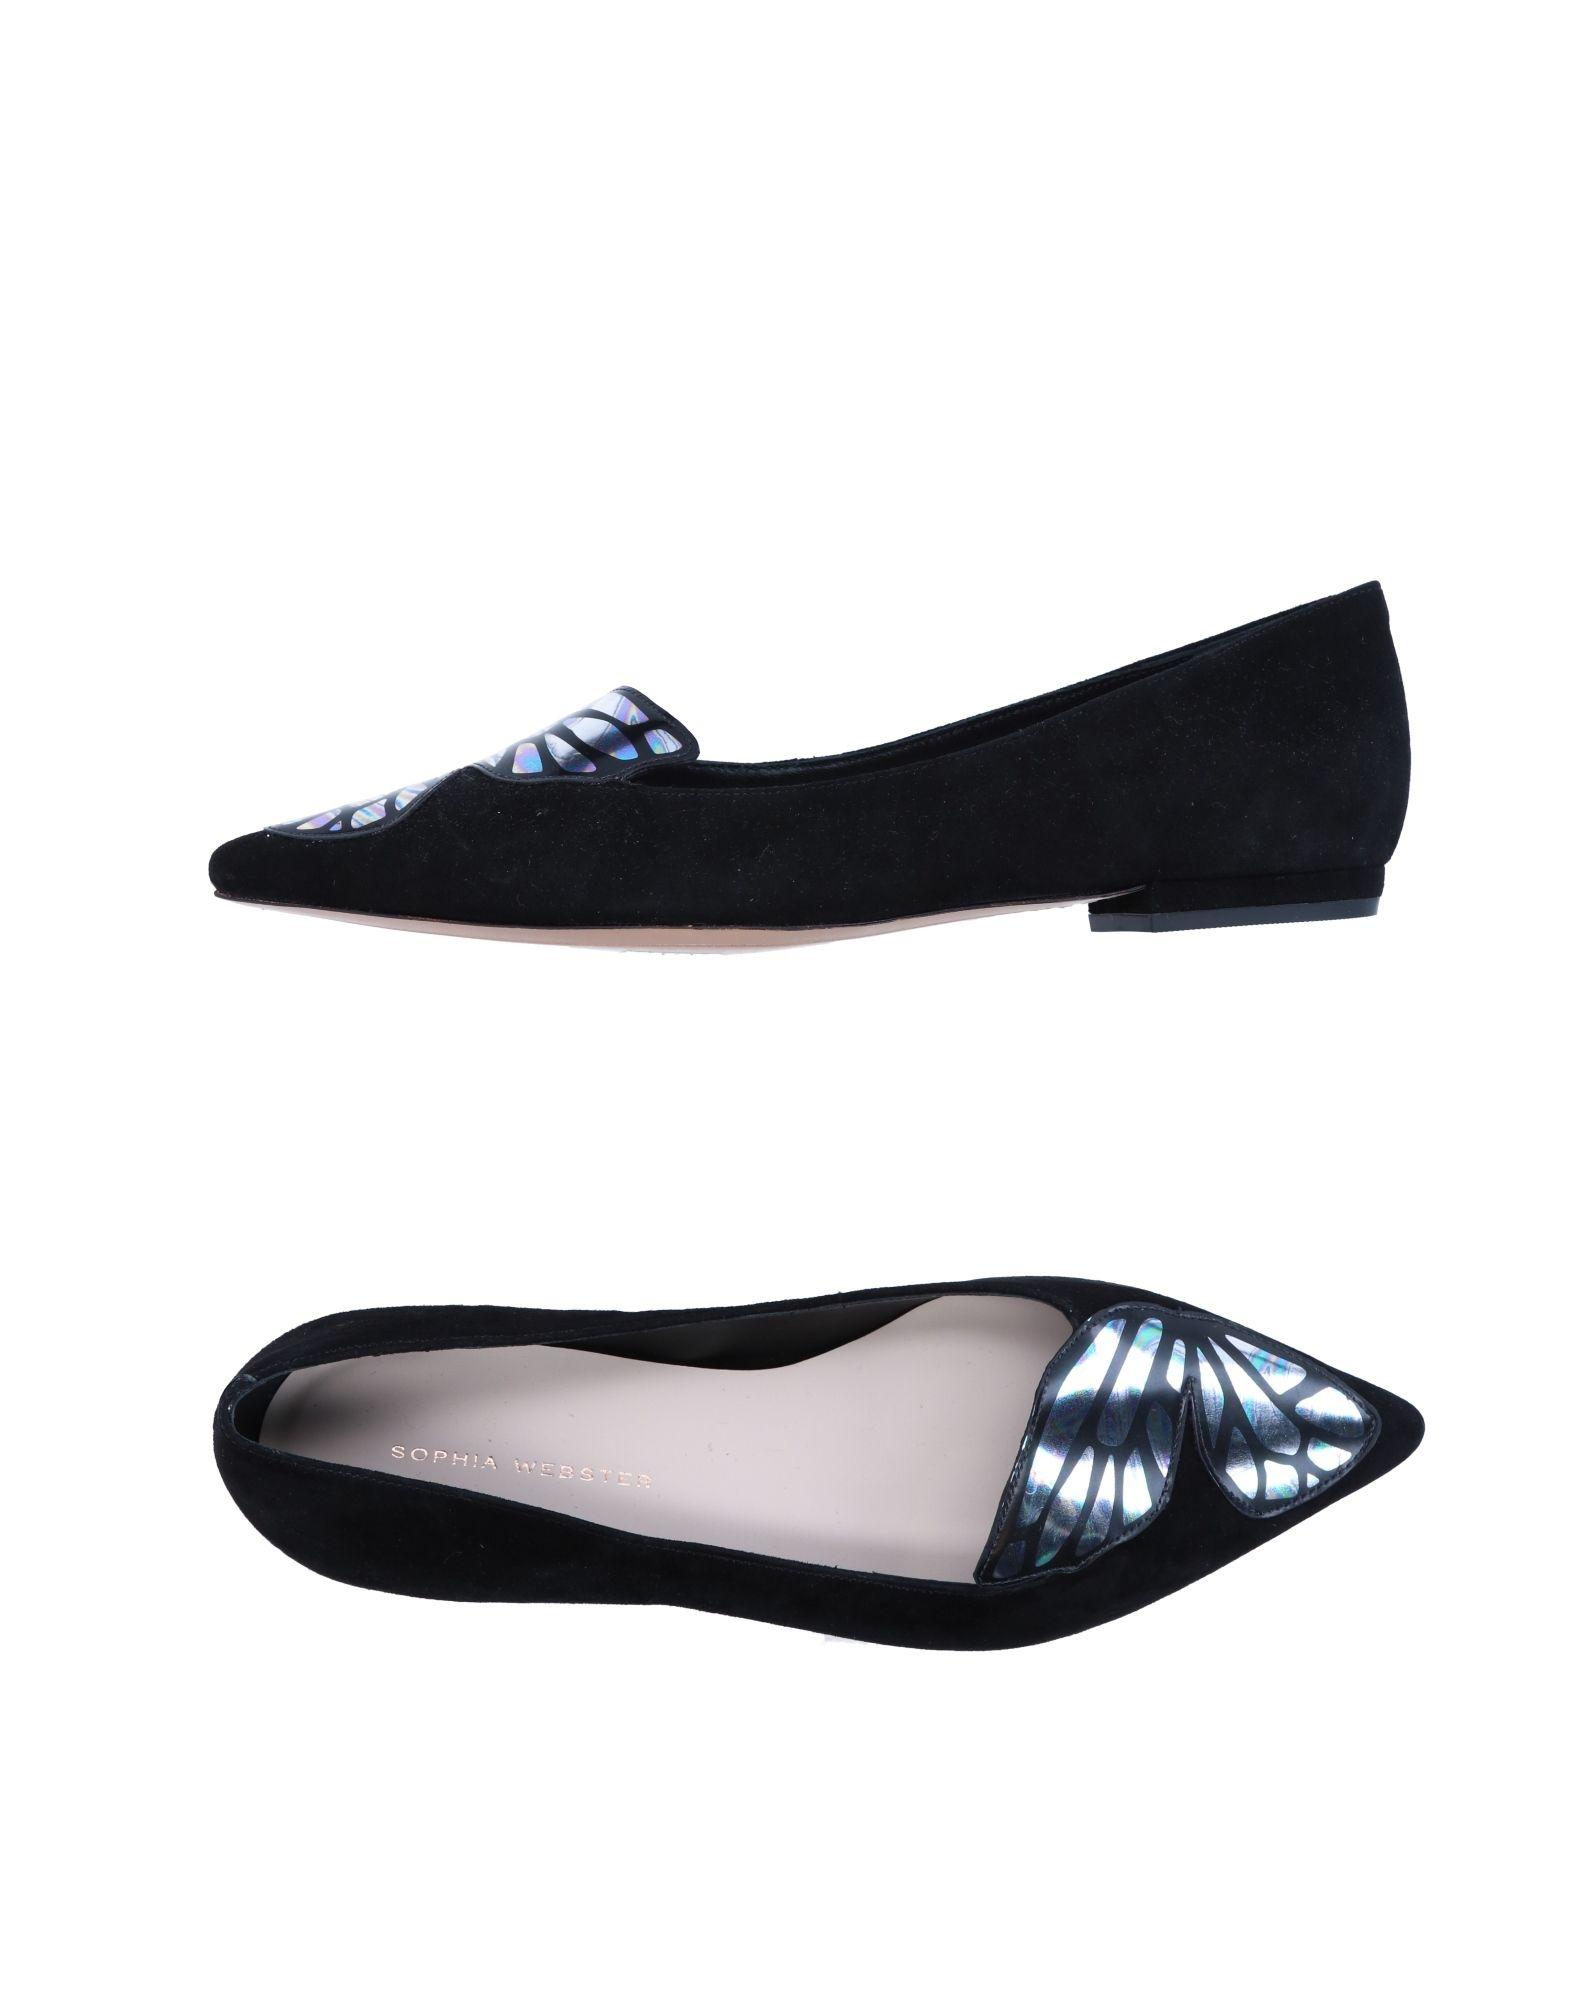 Sophia Webster Mokassins Damen  11278336BMGut aussehende strapazierfähige Schuhe